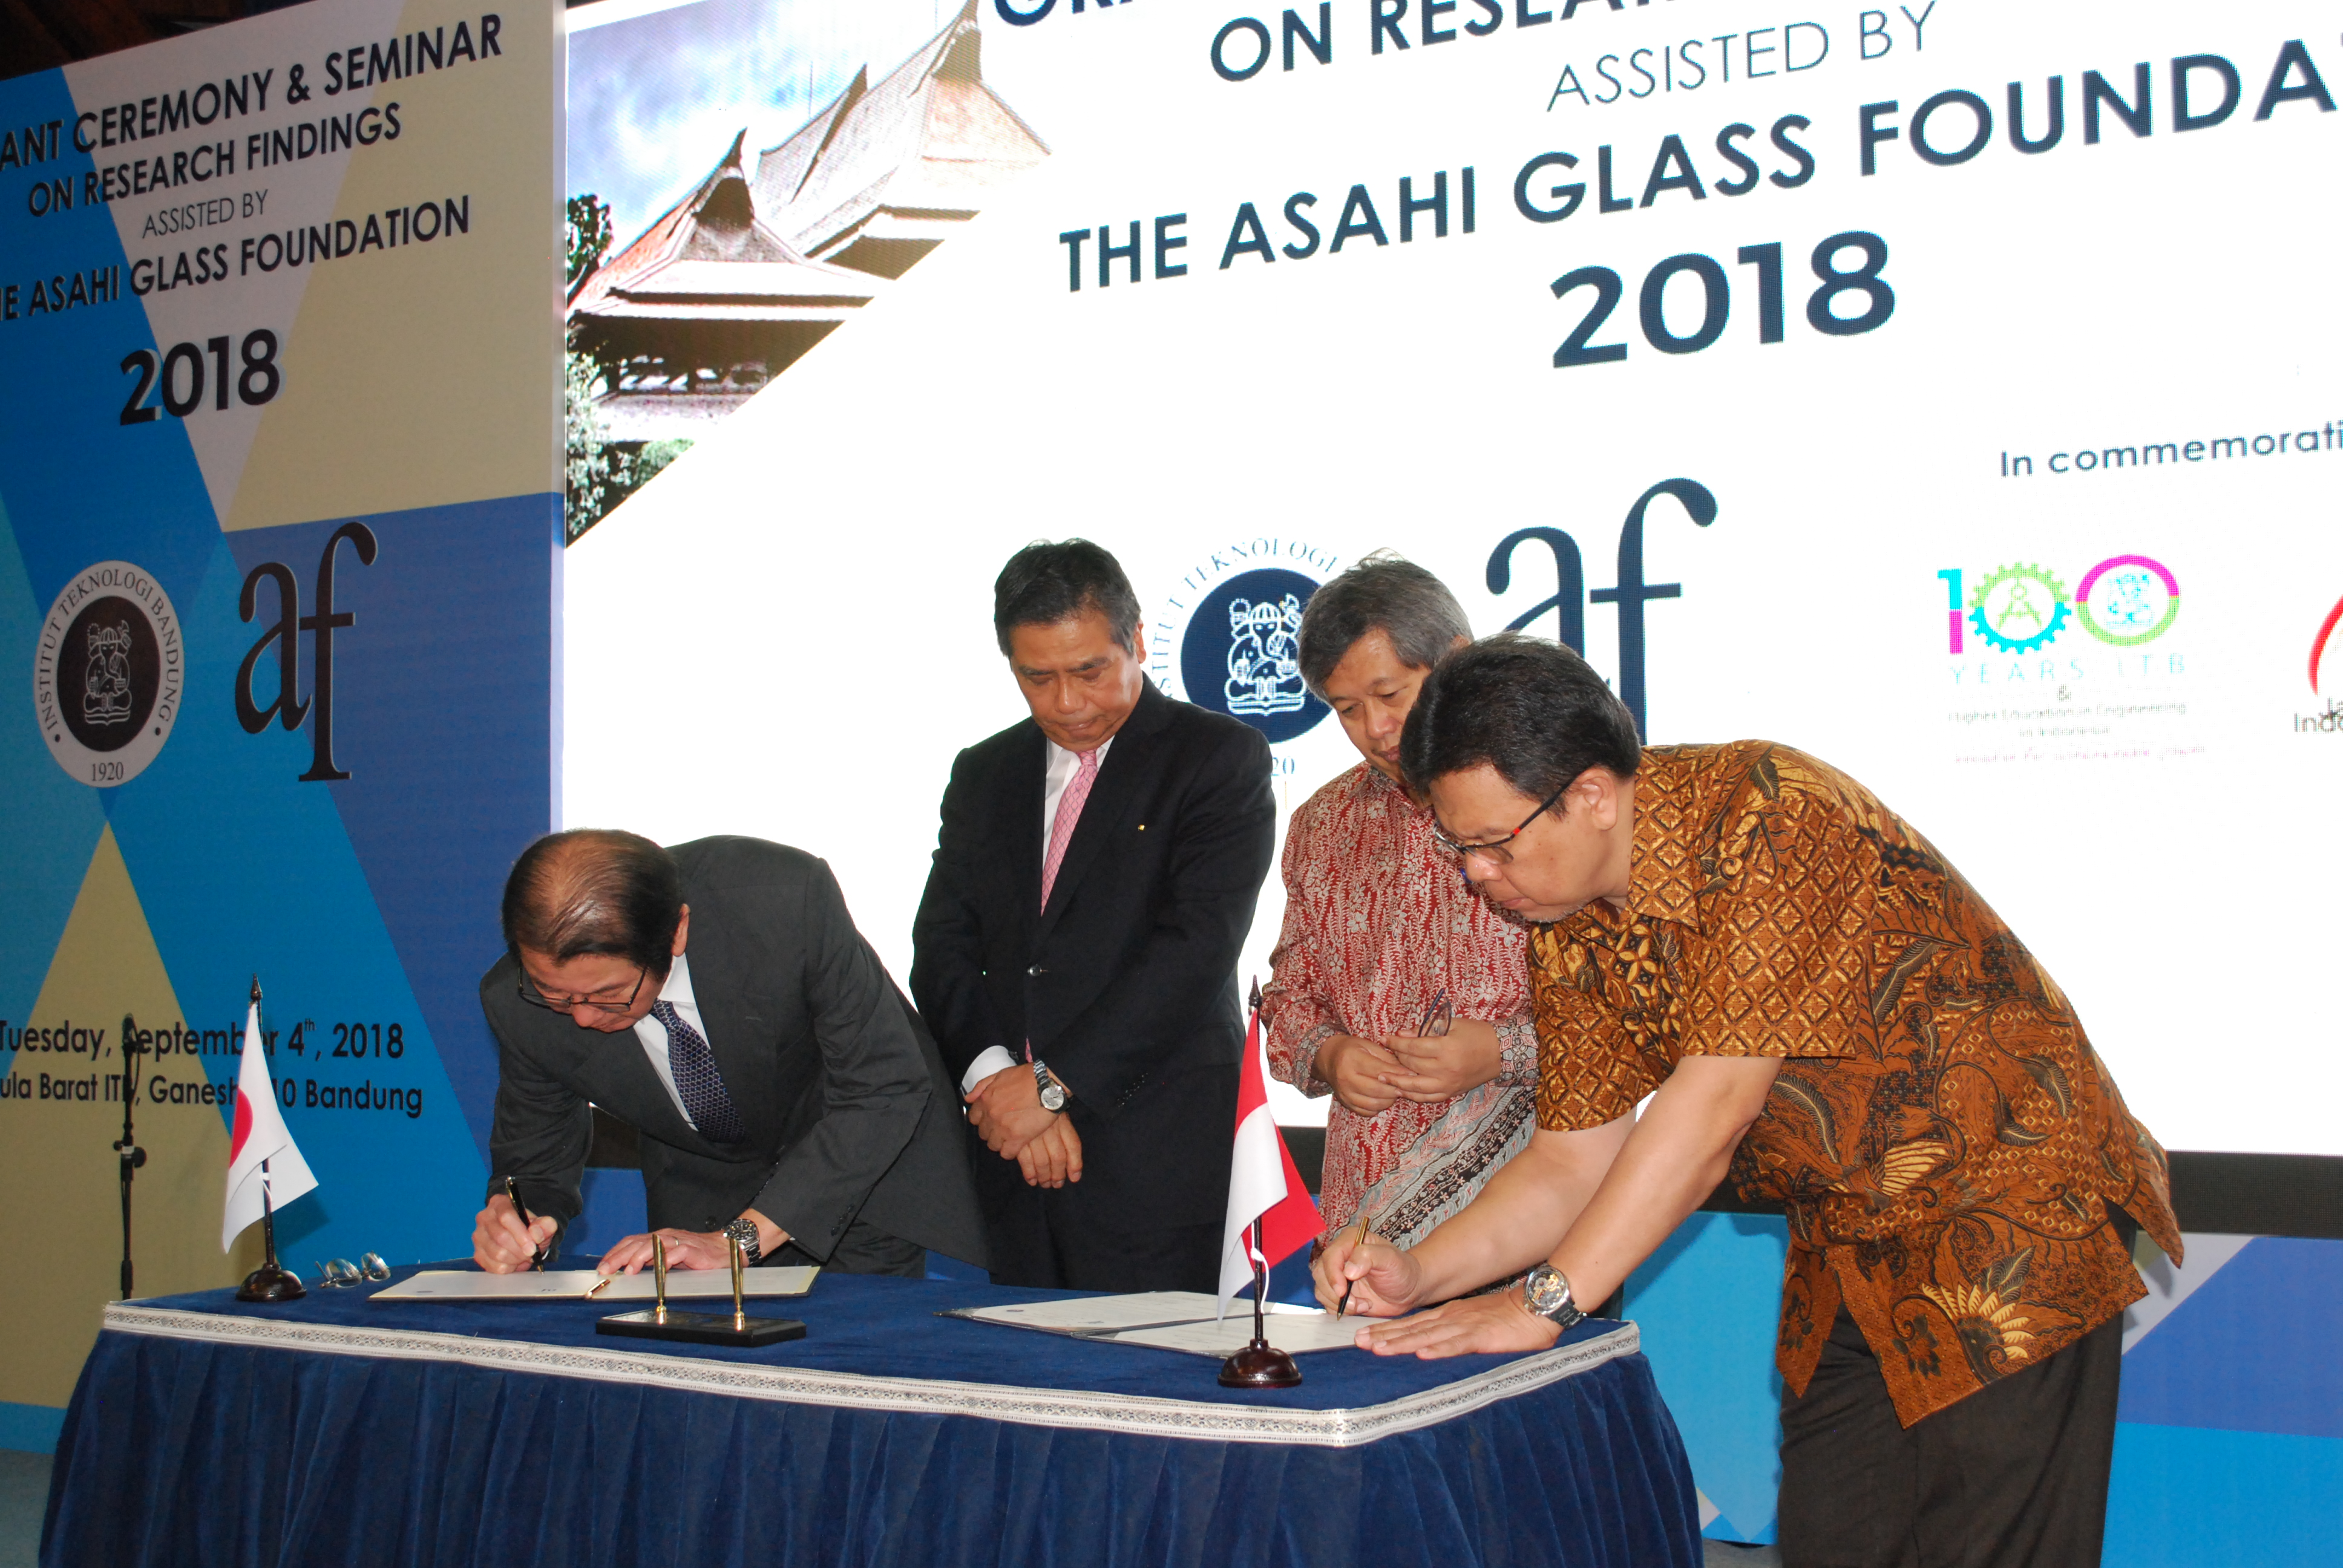 itb-dan-asahi-glass-foundation-30-tahun-bekerjasama-dalam-pengembangan-riset-dan-penelitian